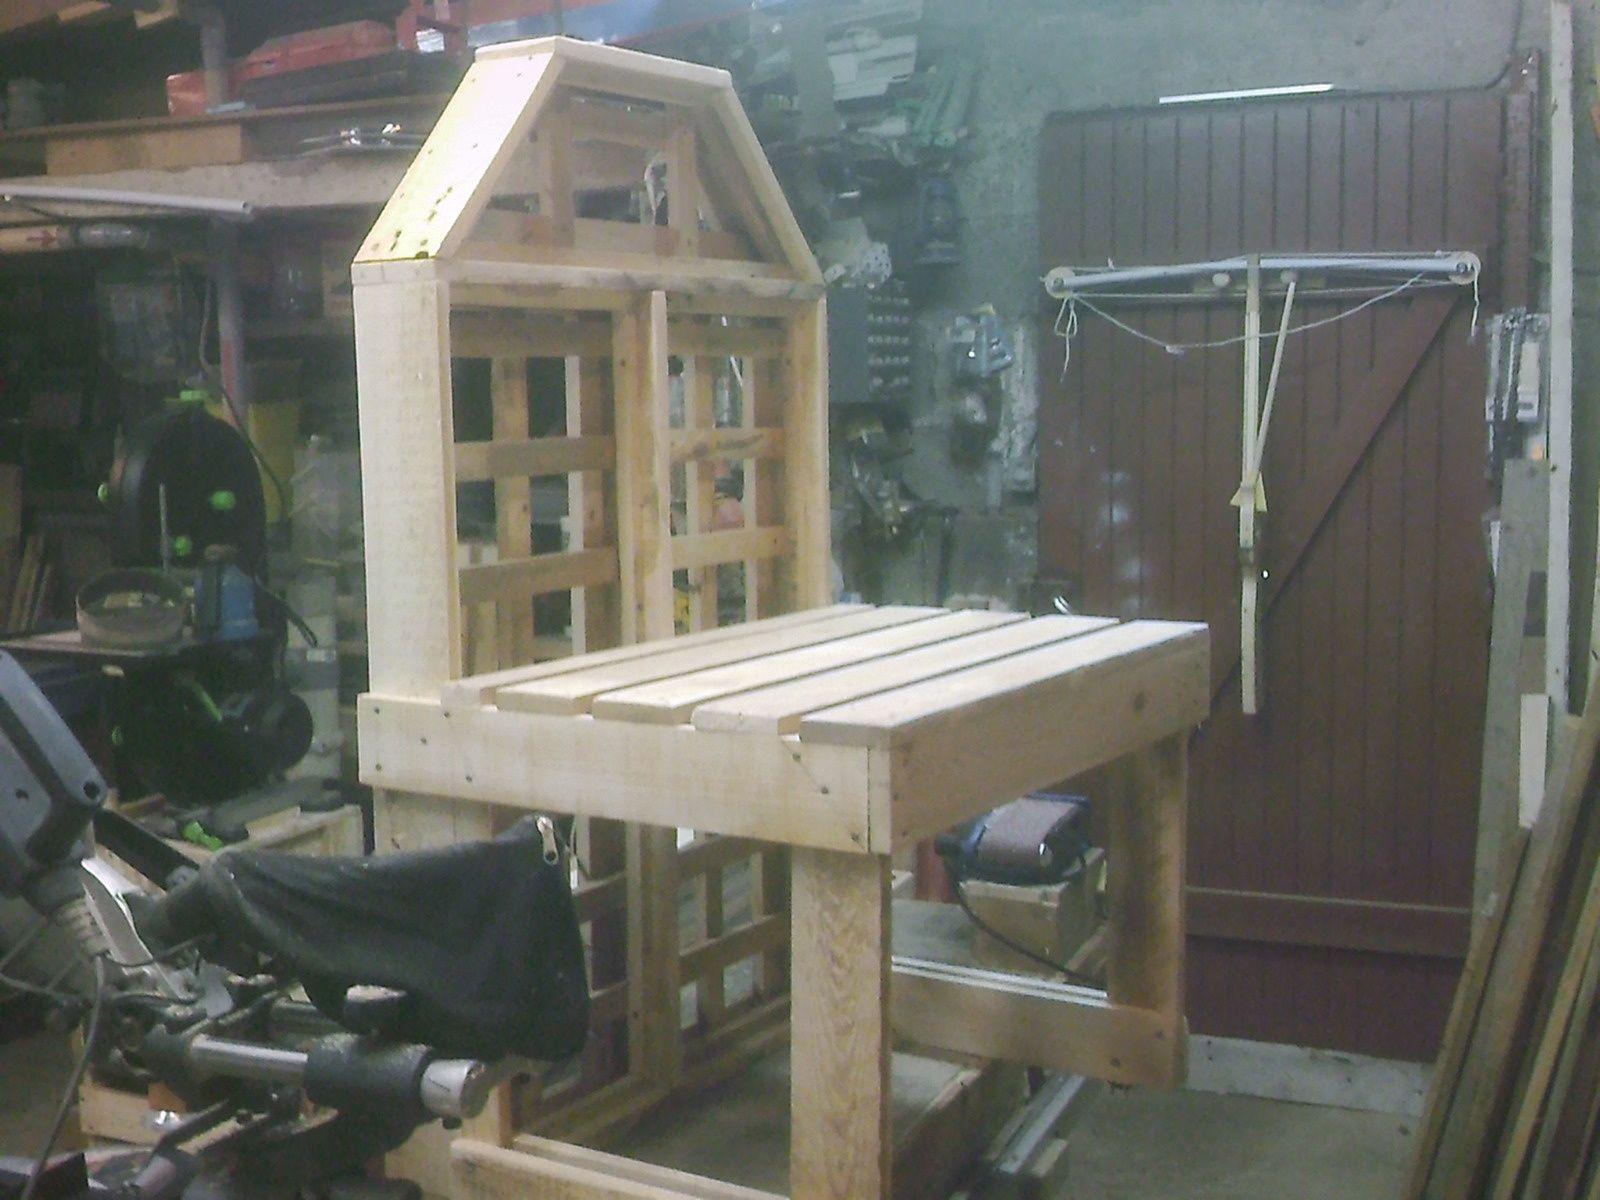 Banc en bois de palettes de jardin for Banc en palette bois